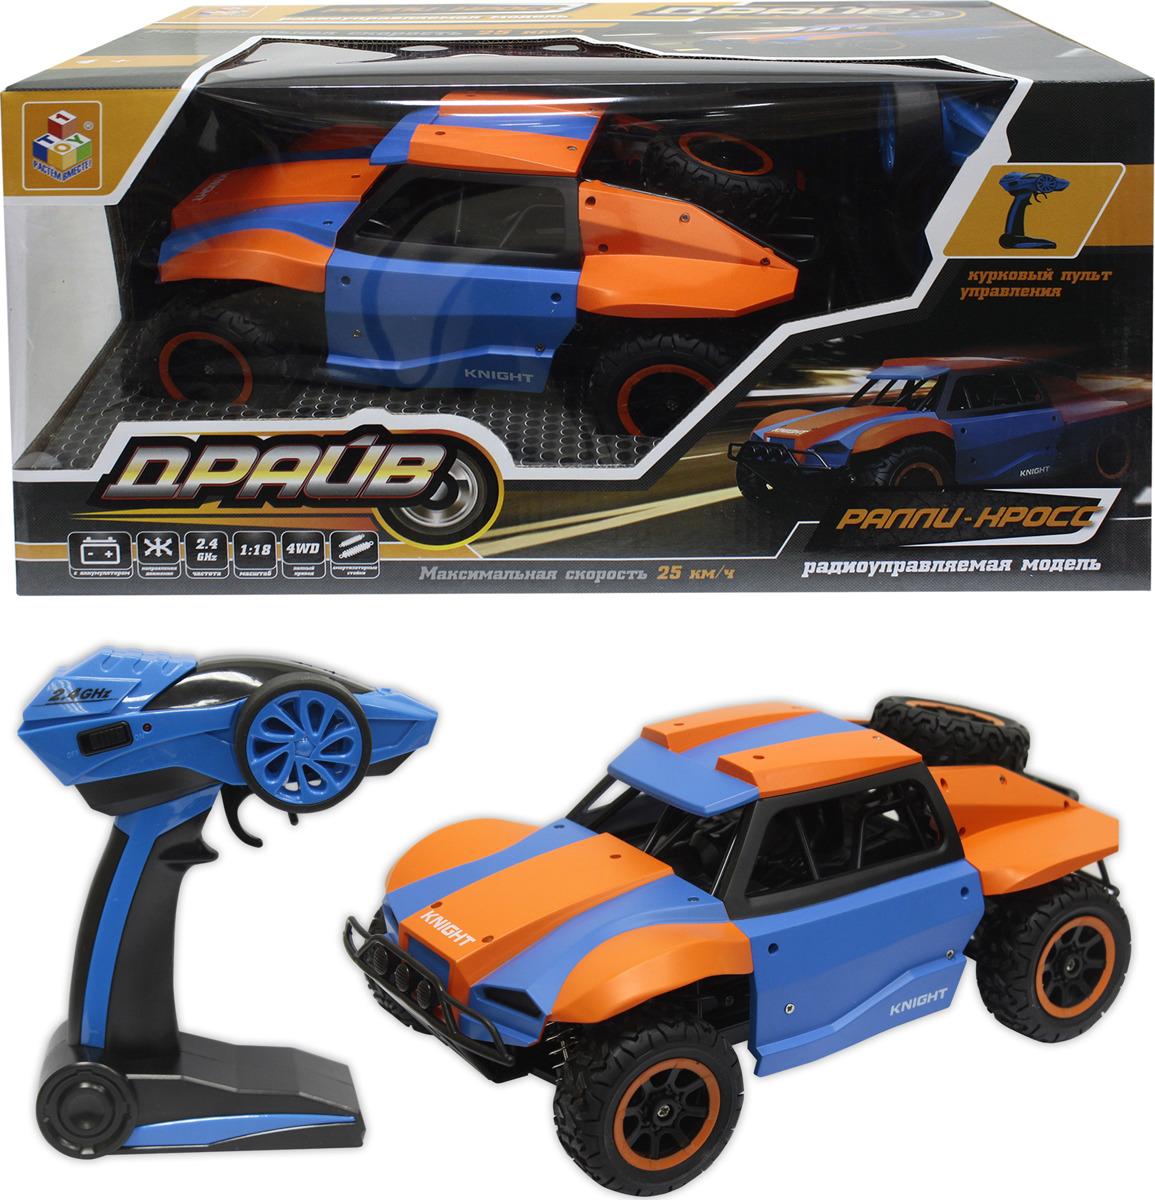 Машинка Раллийная Драйв 1TOY радиоуправляемая, 4WD, цвет: голубой, оранжевый